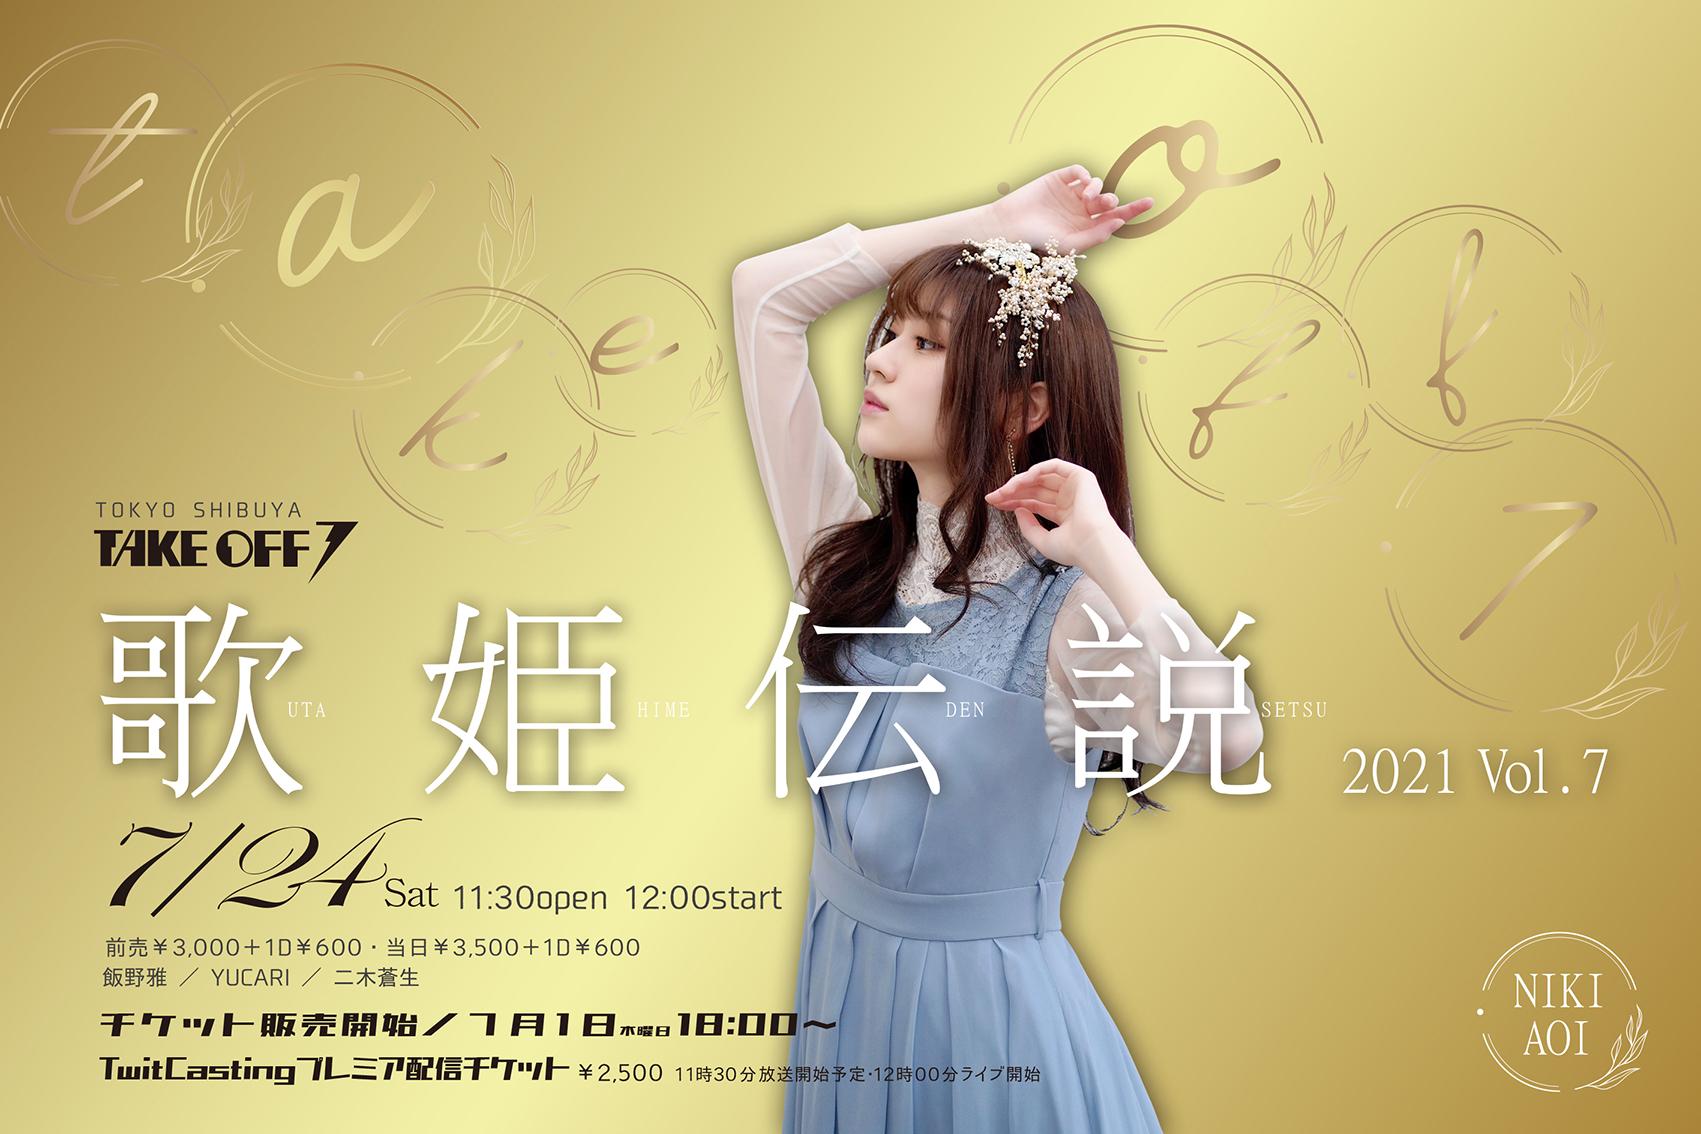 7/24(土)歌姫伝説2021 Vol.7